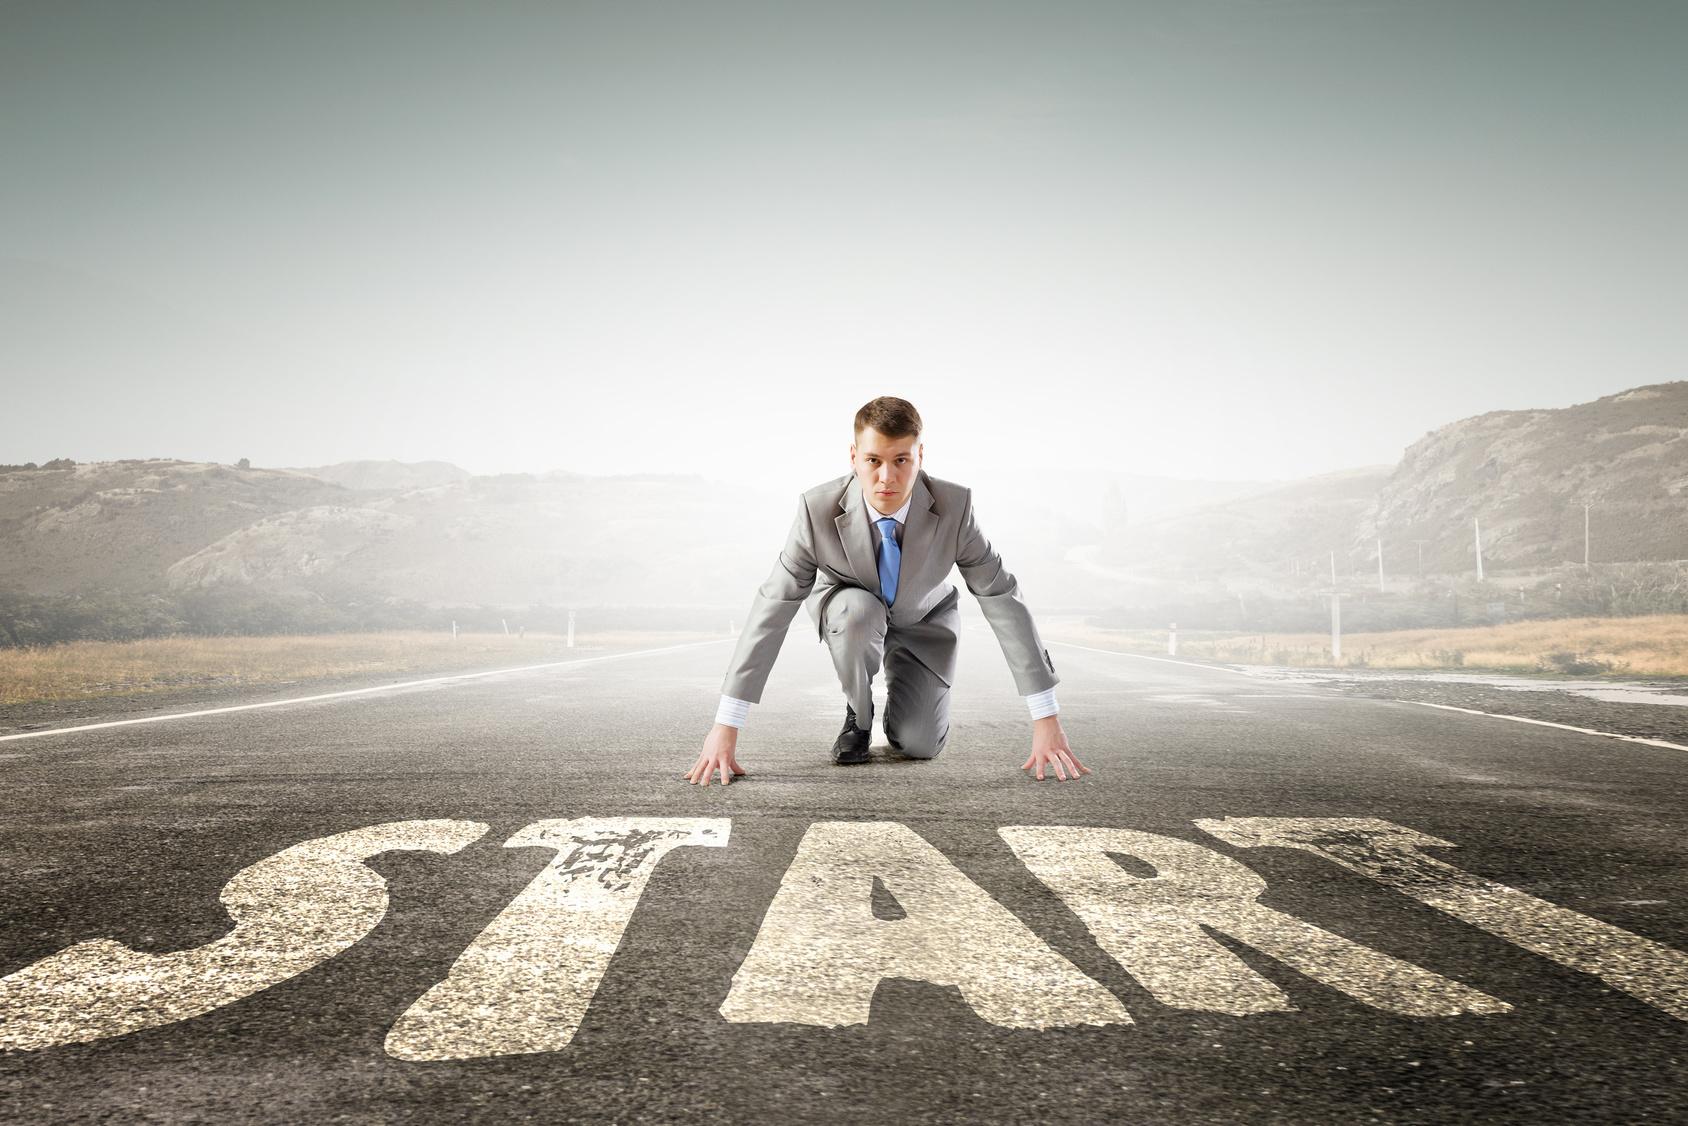 Branding Profesional – Todo Lo Que Vale La Pena Lleva Su Tiempo